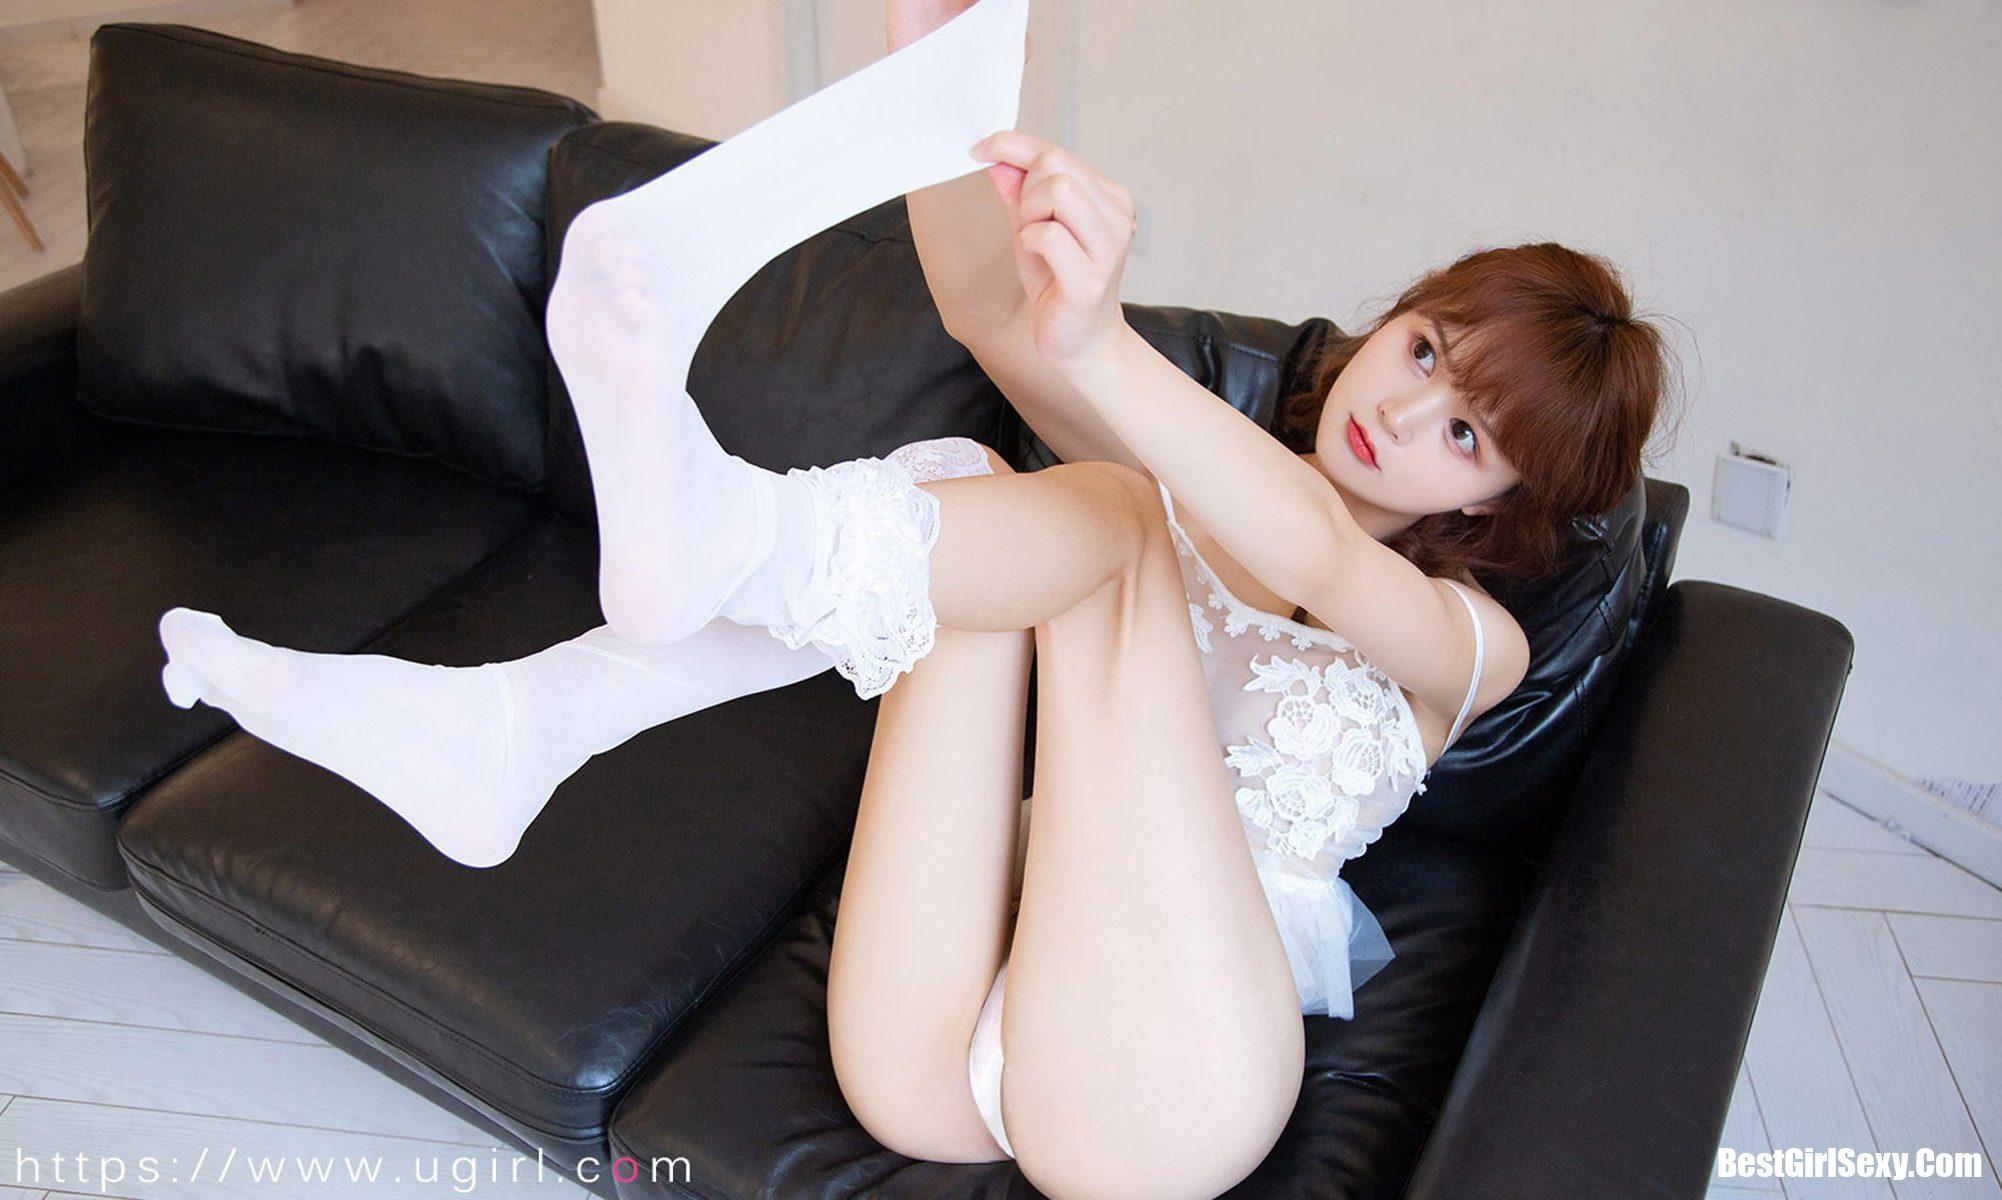 中田合美子, Ugirls App尤果圈 No.2117 中田合美子, Ugirls App尤果圈 No.2117